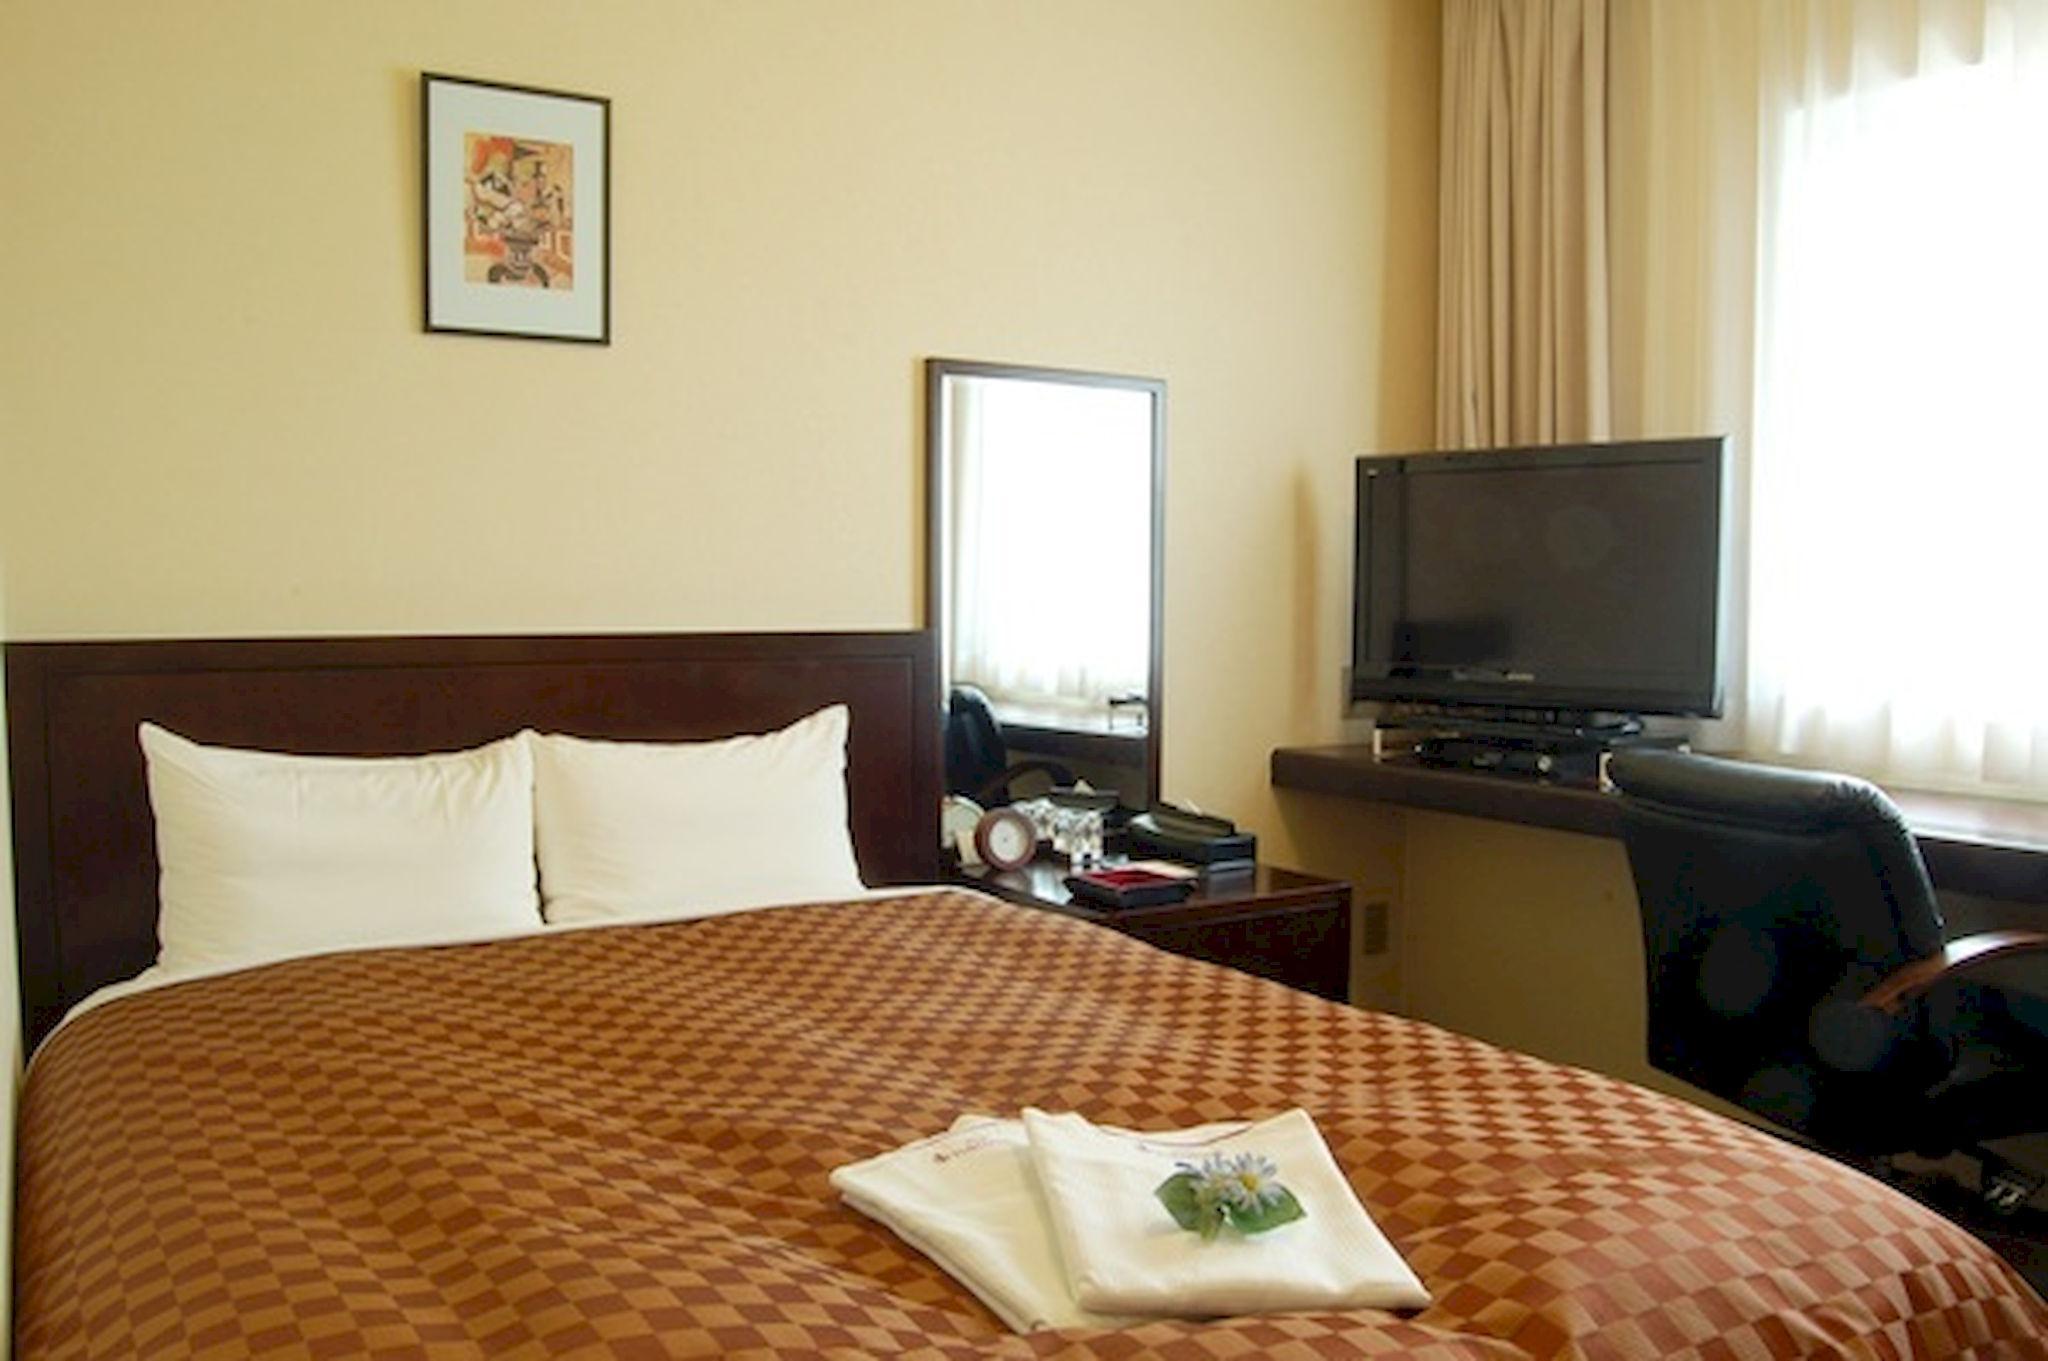 ホテル nanvan 焼津